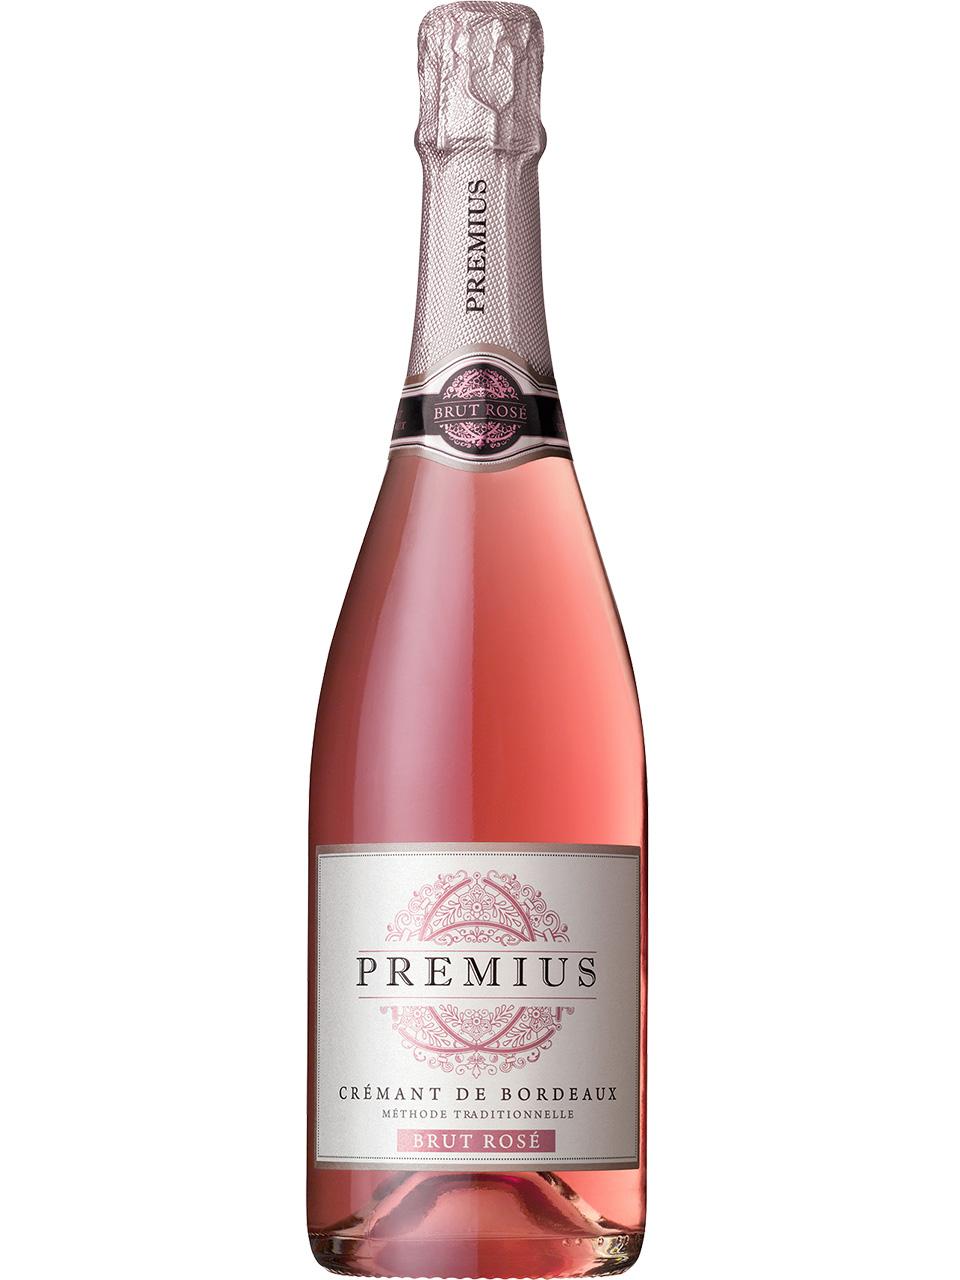 Mau Premius Cremant de Bordeaux Brut Rose